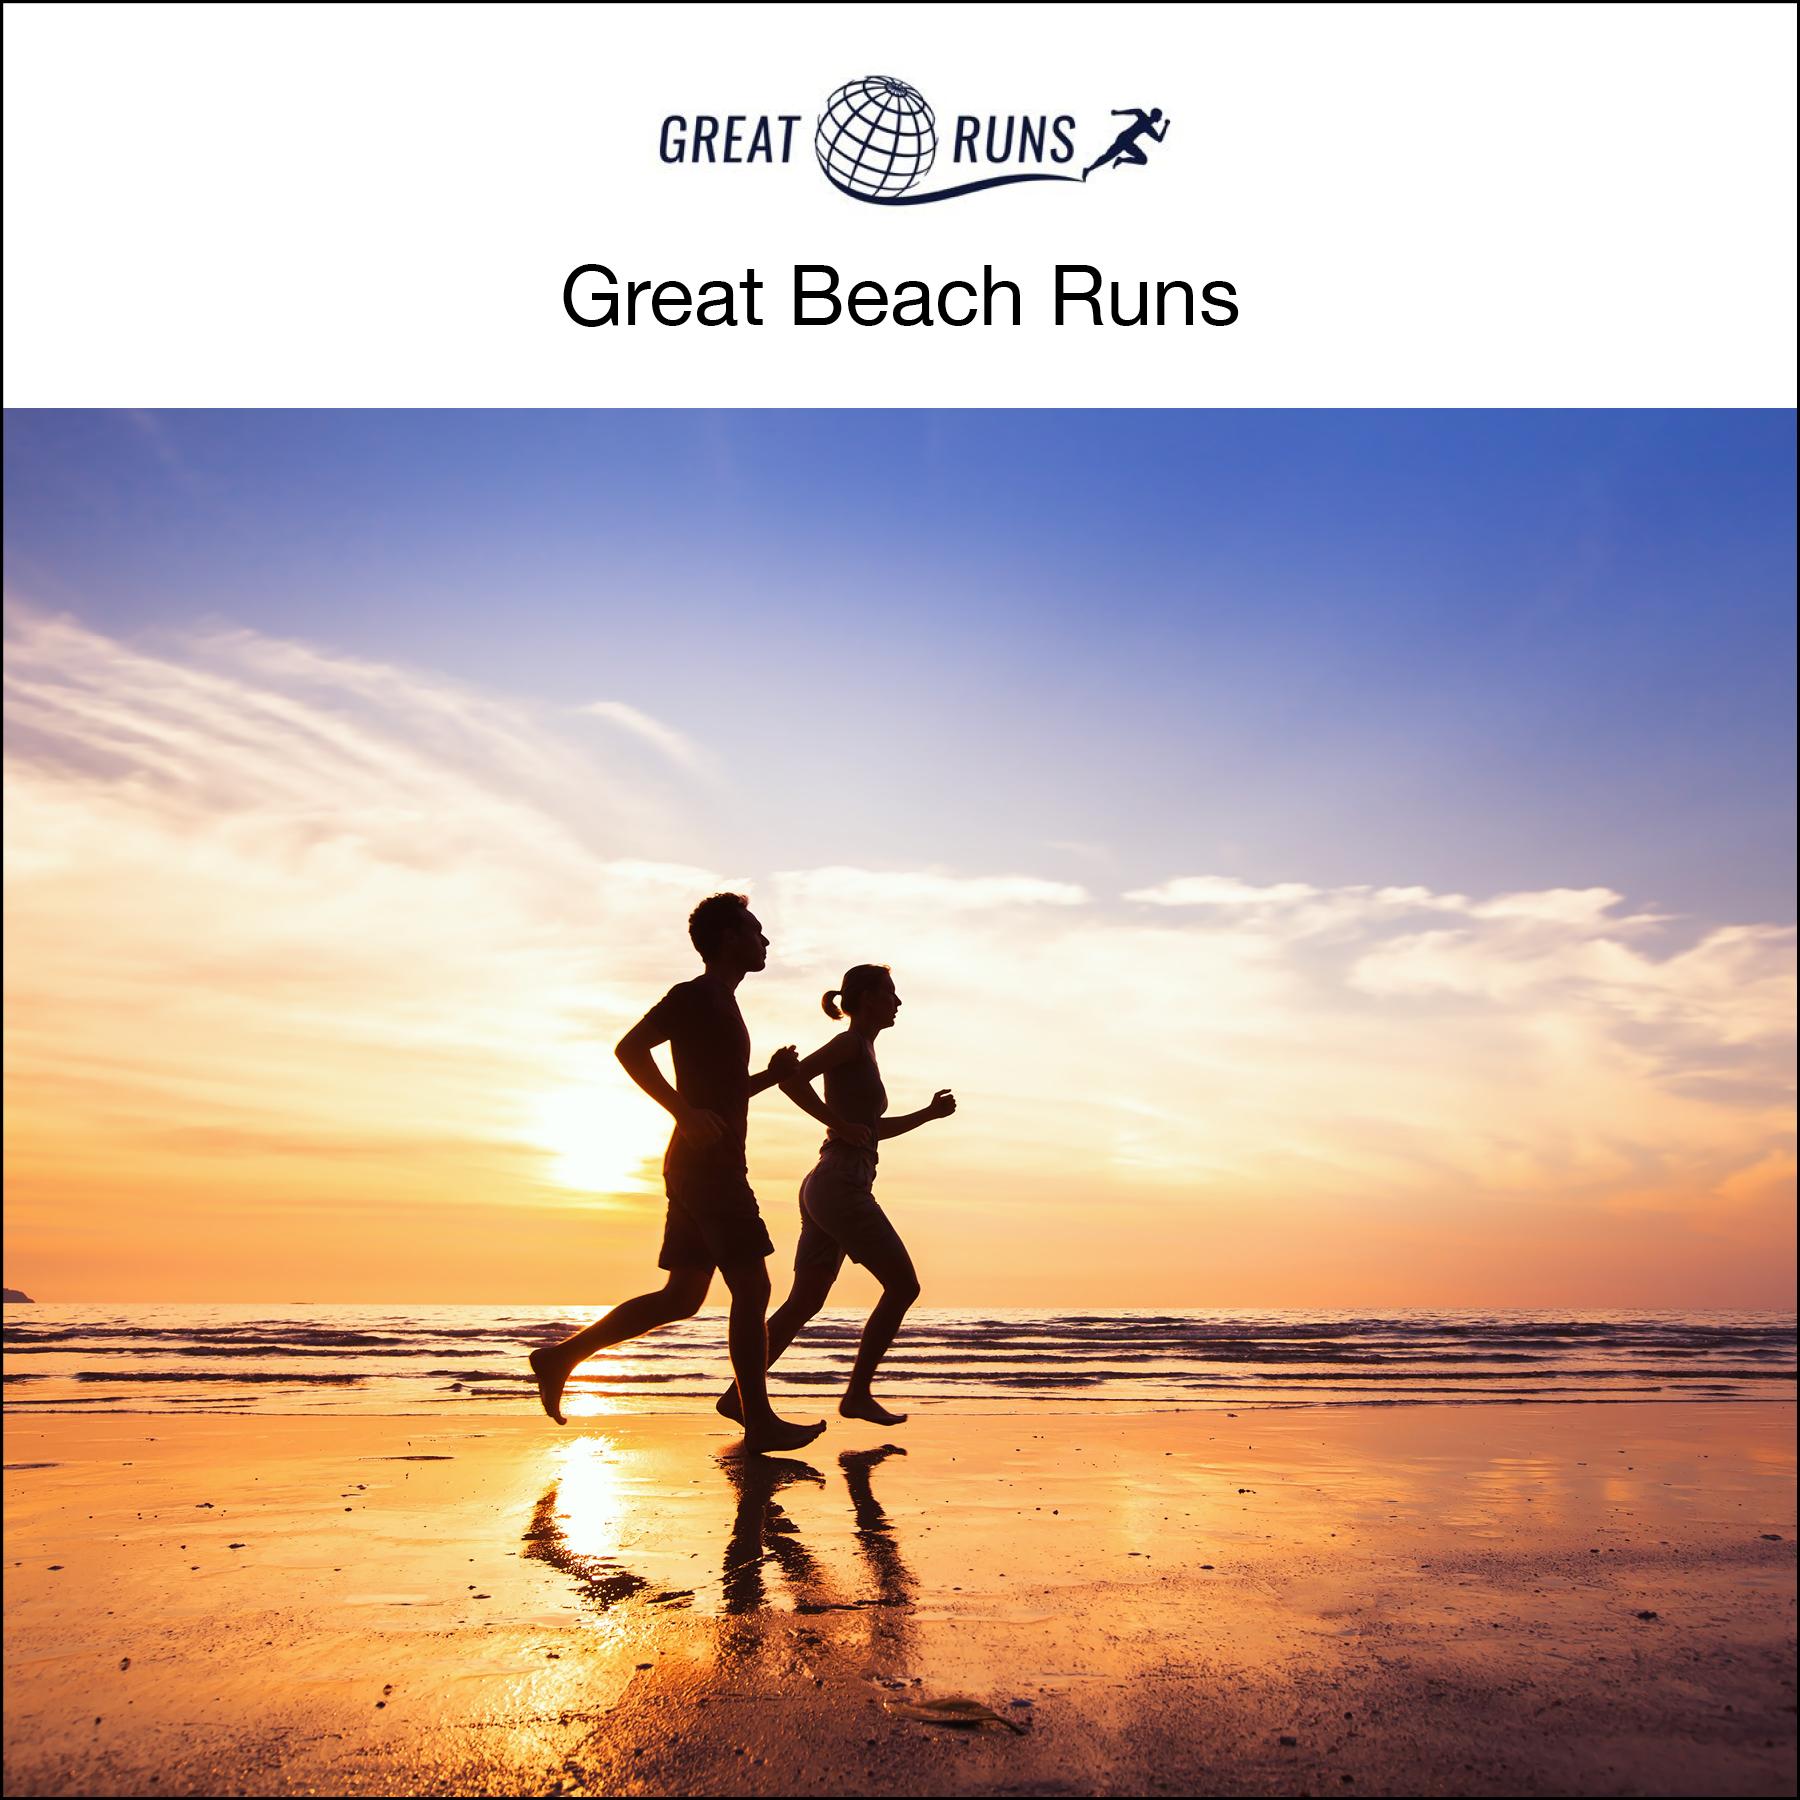 Great Beach Runs Home Page.jpg